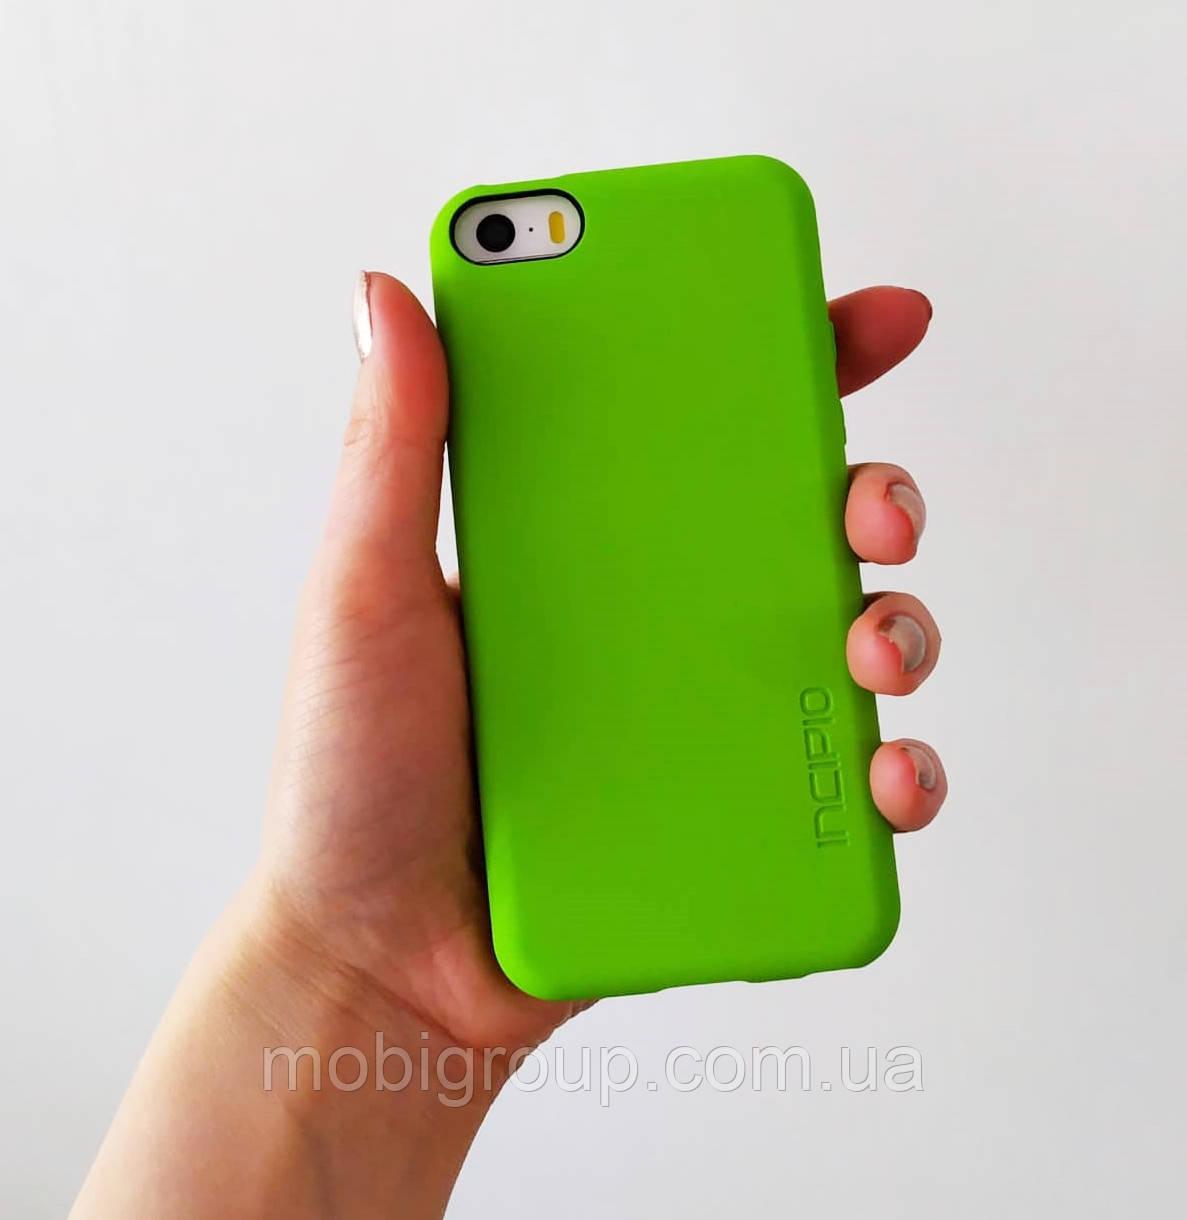 Защитный чехол Incipio iPhone 5C